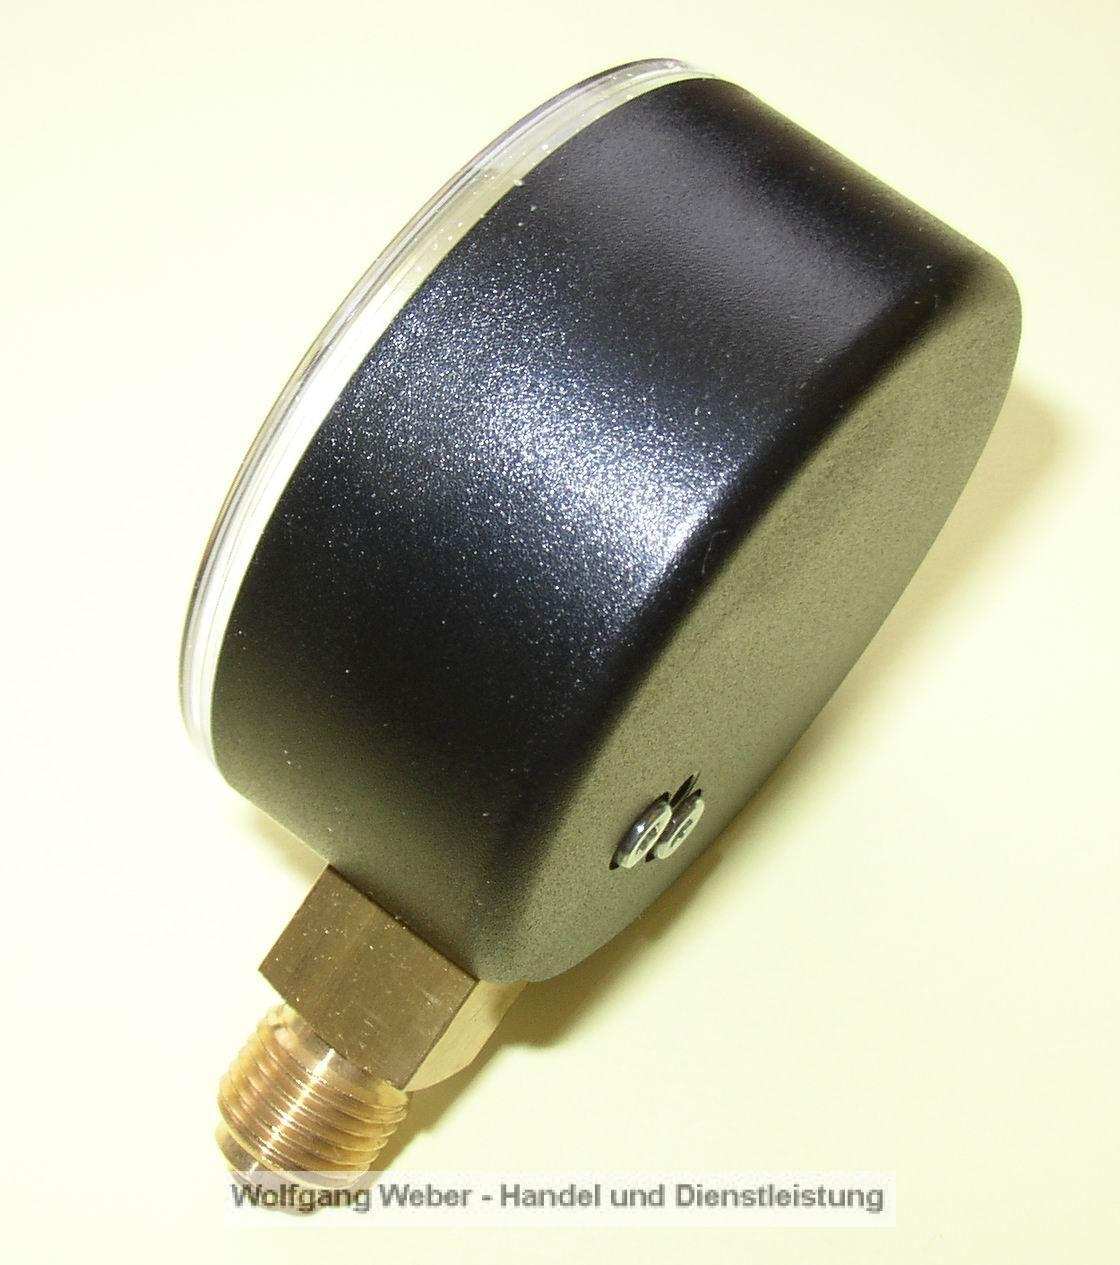 wika druck manometer 0 bis 0 6bar g1 4 63mm senkrecht ebay. Black Bedroom Furniture Sets. Home Design Ideas